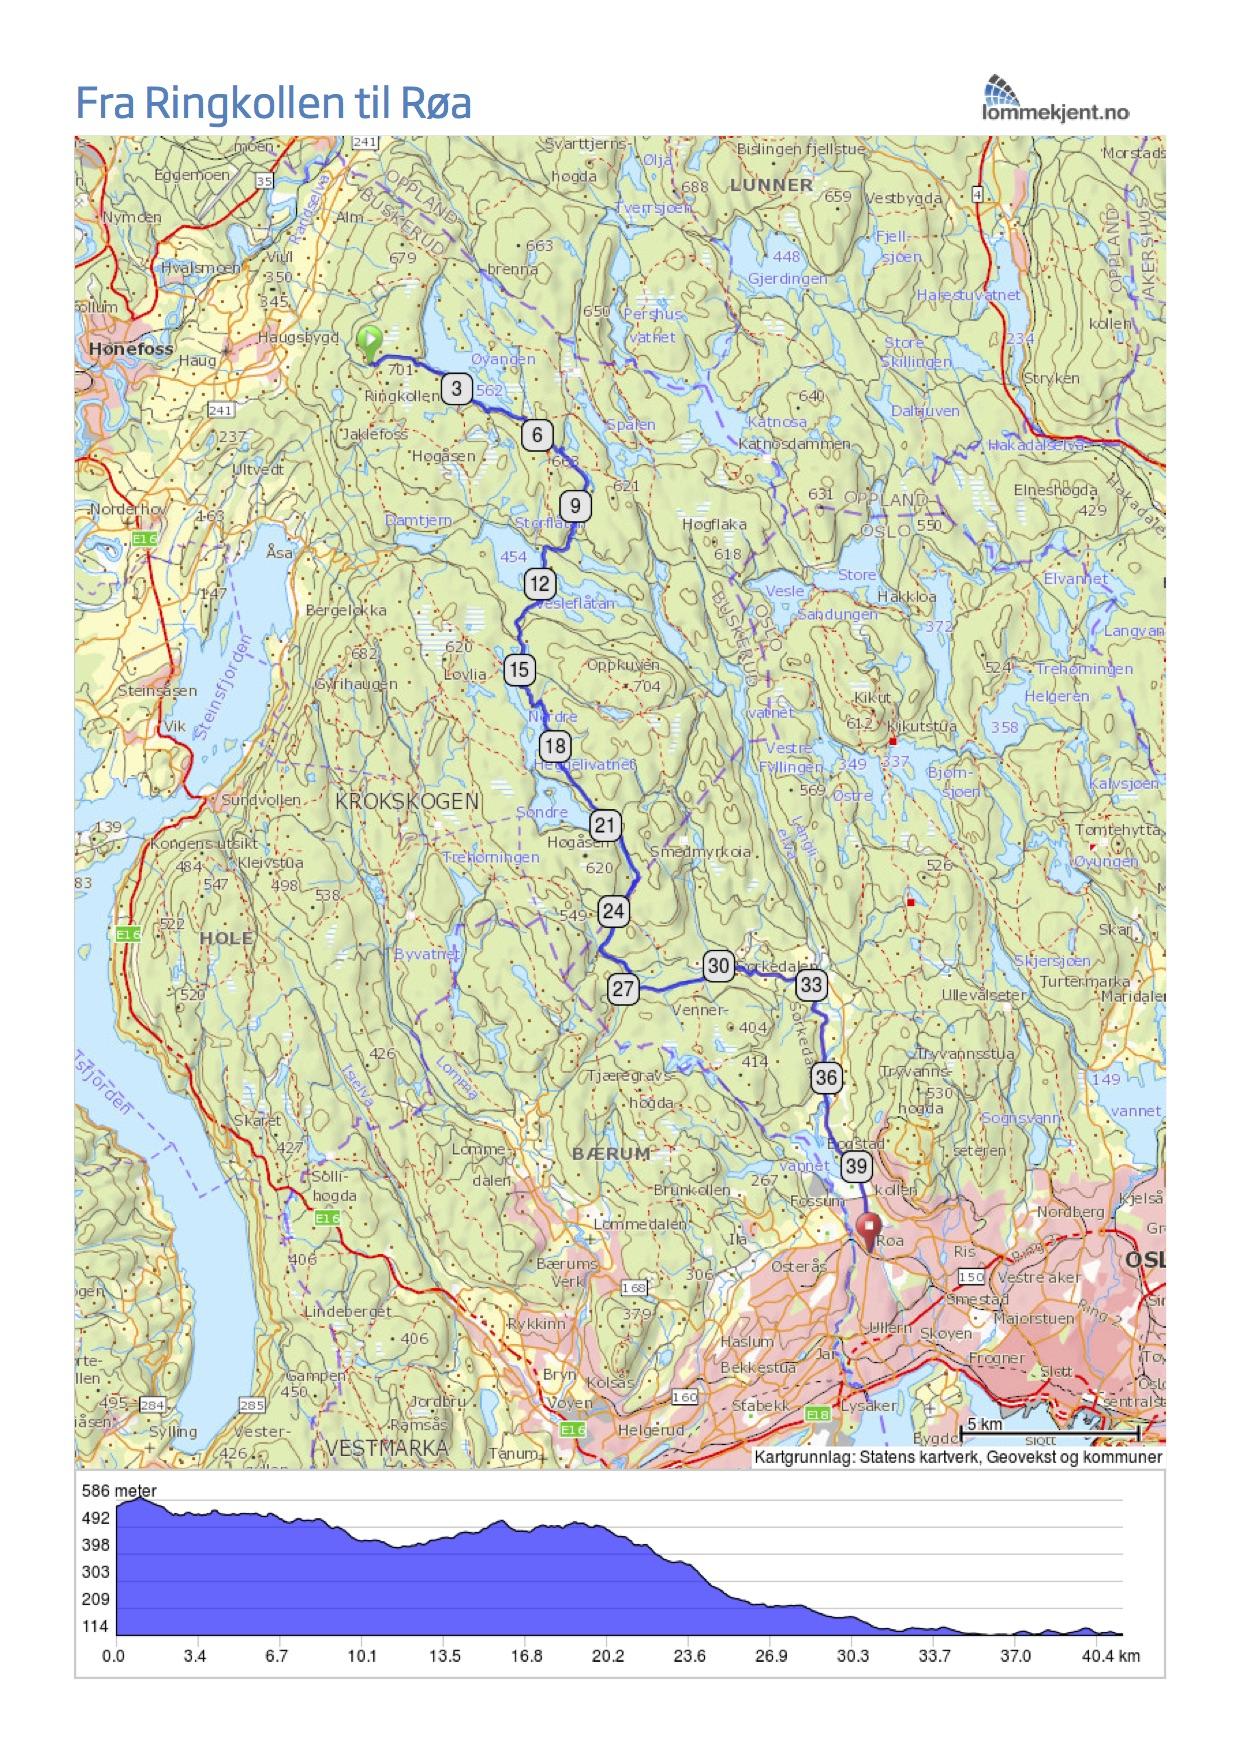 trollsykling kart SykkelStien.info trollsykling kart